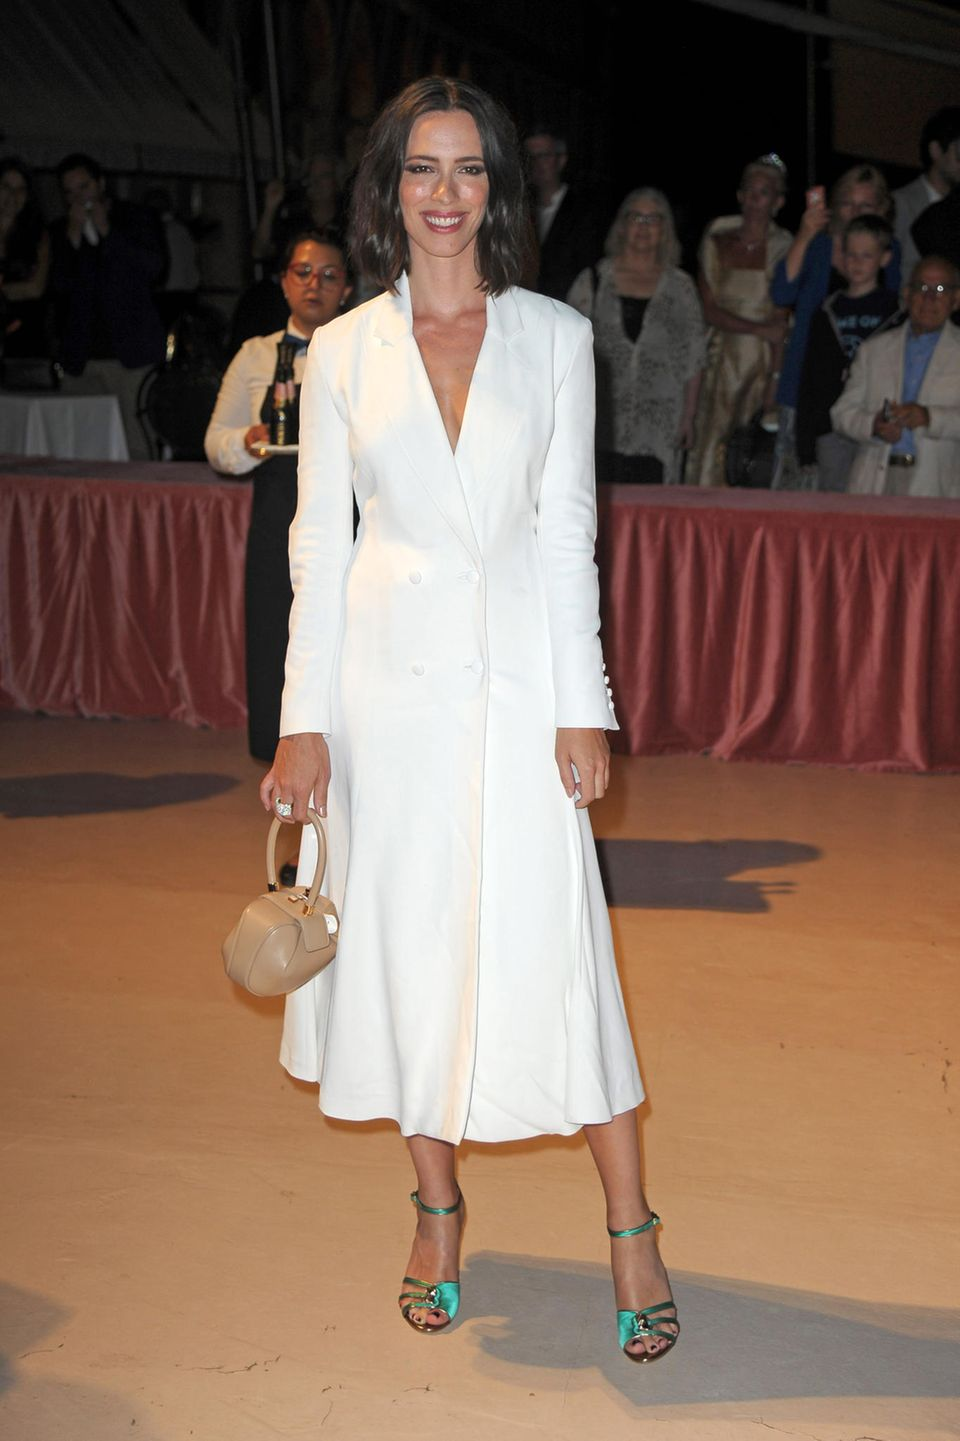 Für das abendliche Dinner hat sich Rebecca Hall für dieses schöne Mantelkleid entschieden.